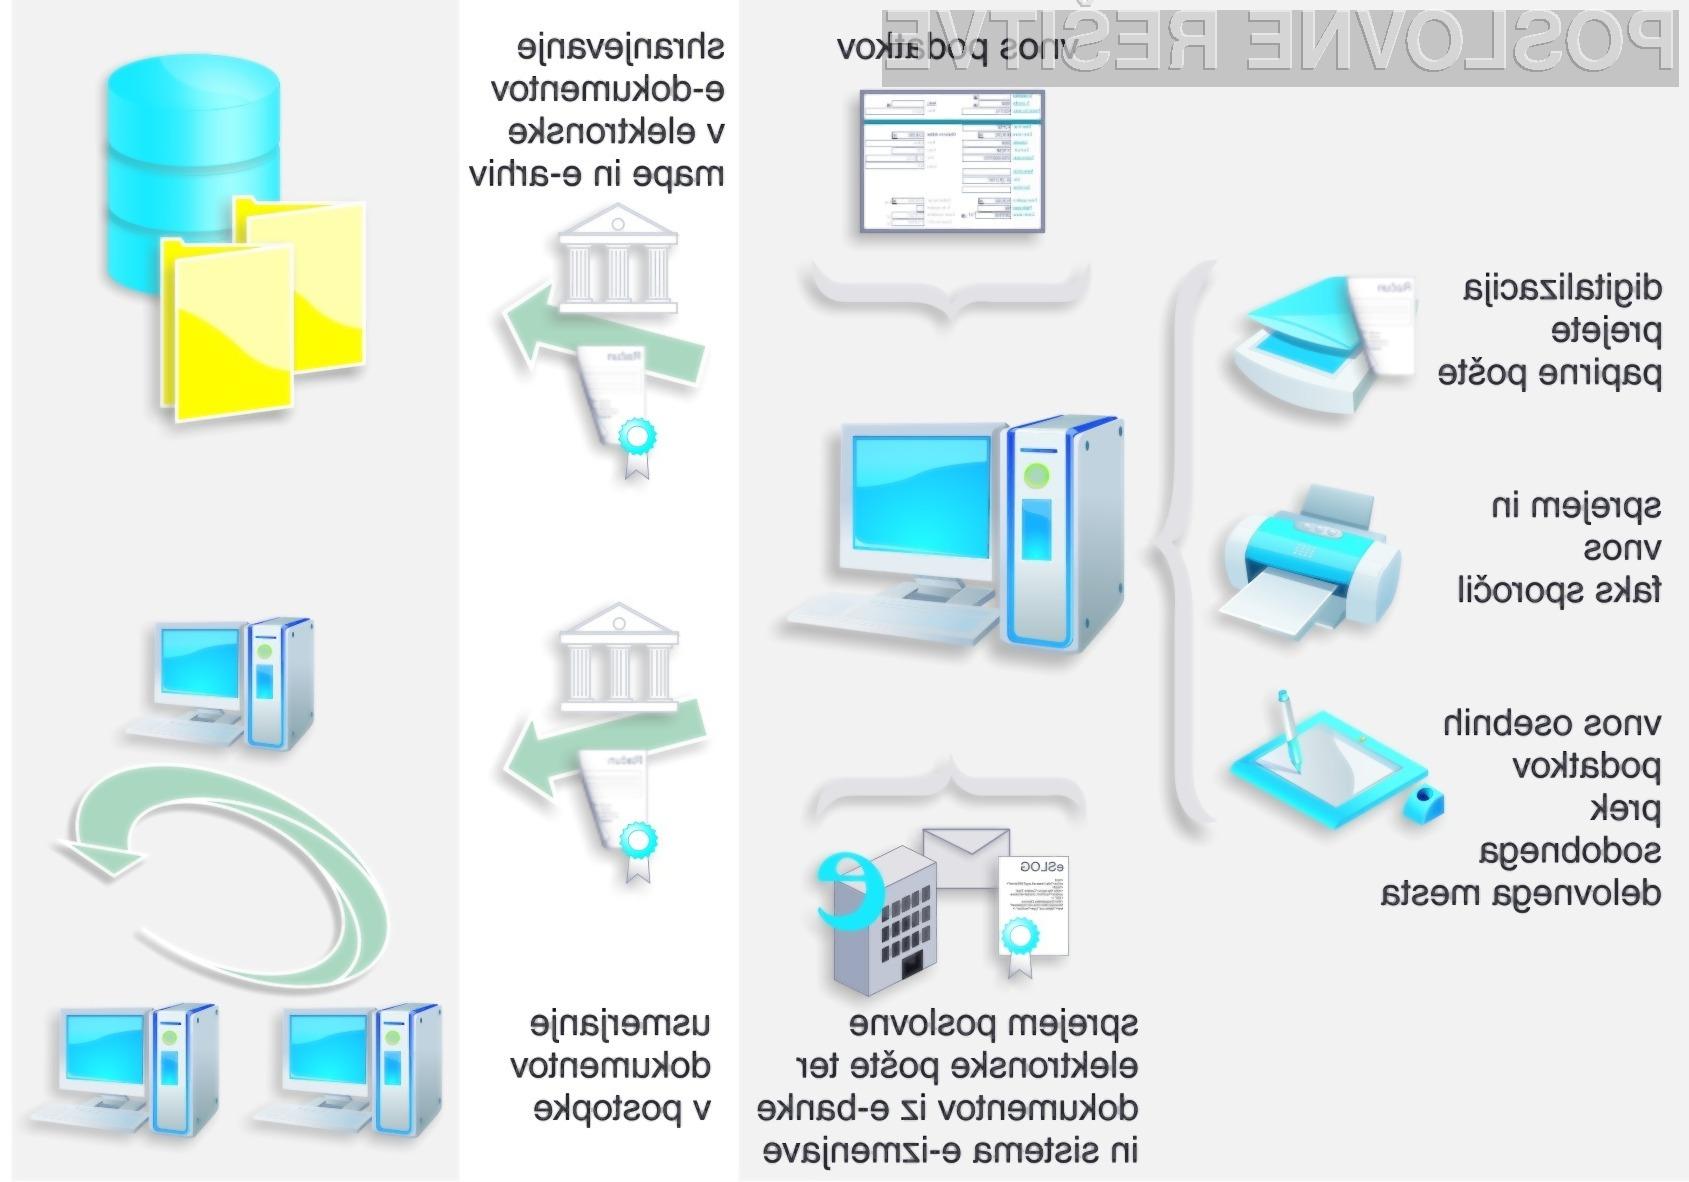 Inovativne informacijske rešitve Genis